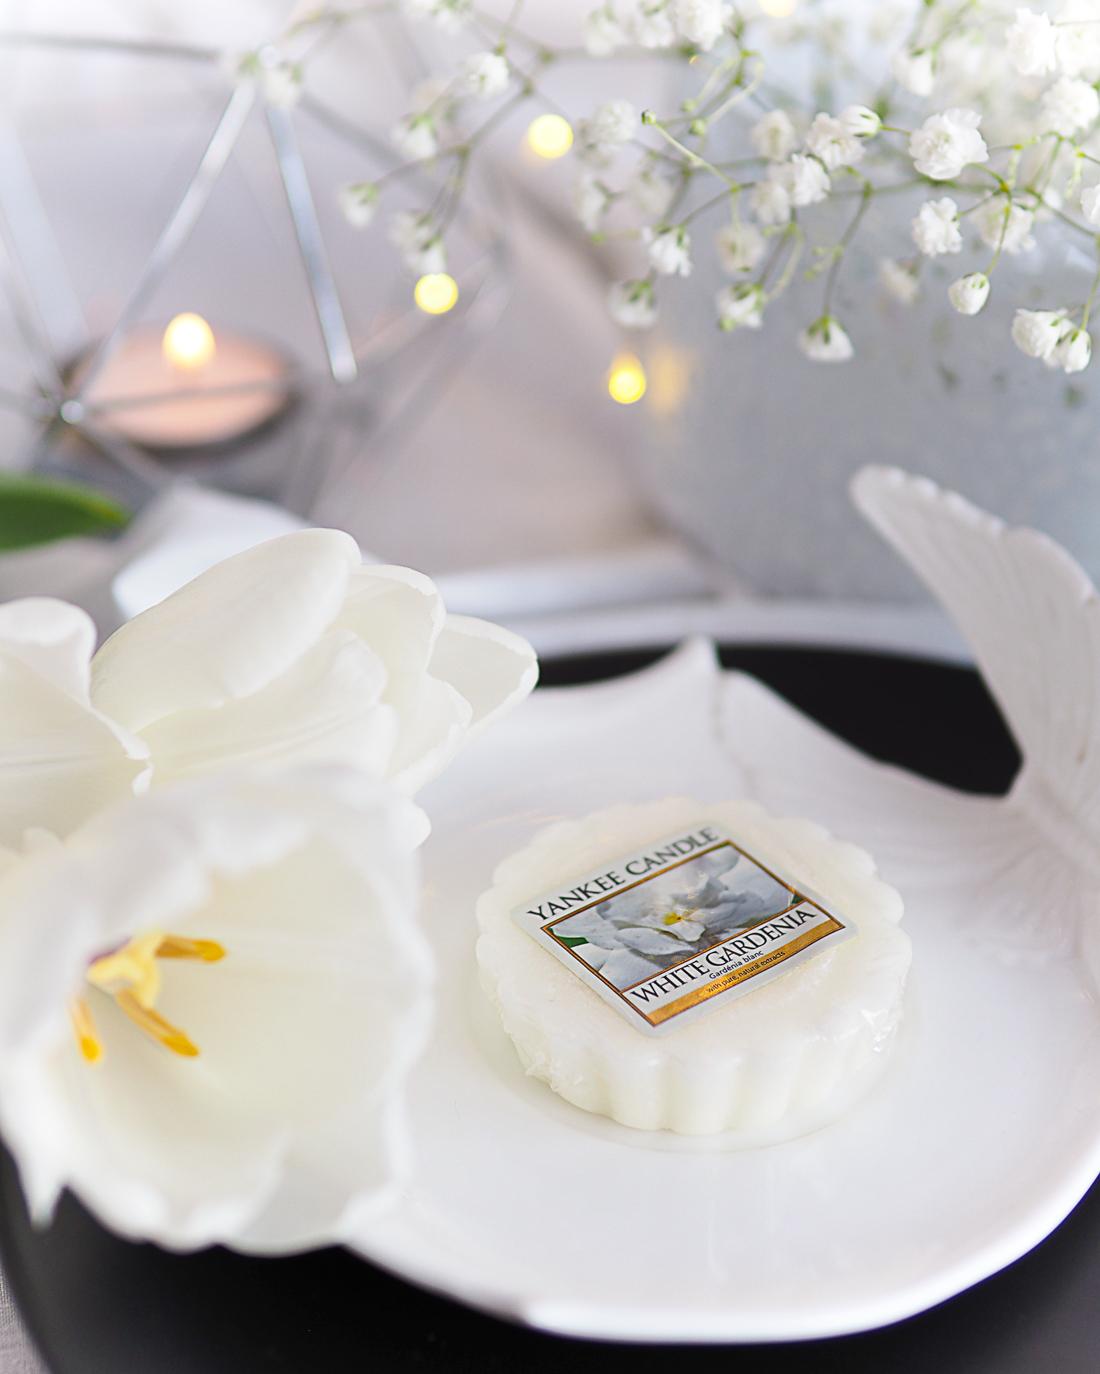 Kwiaty, wszędzie kwiaty - White Gardenia od Yankee Candle